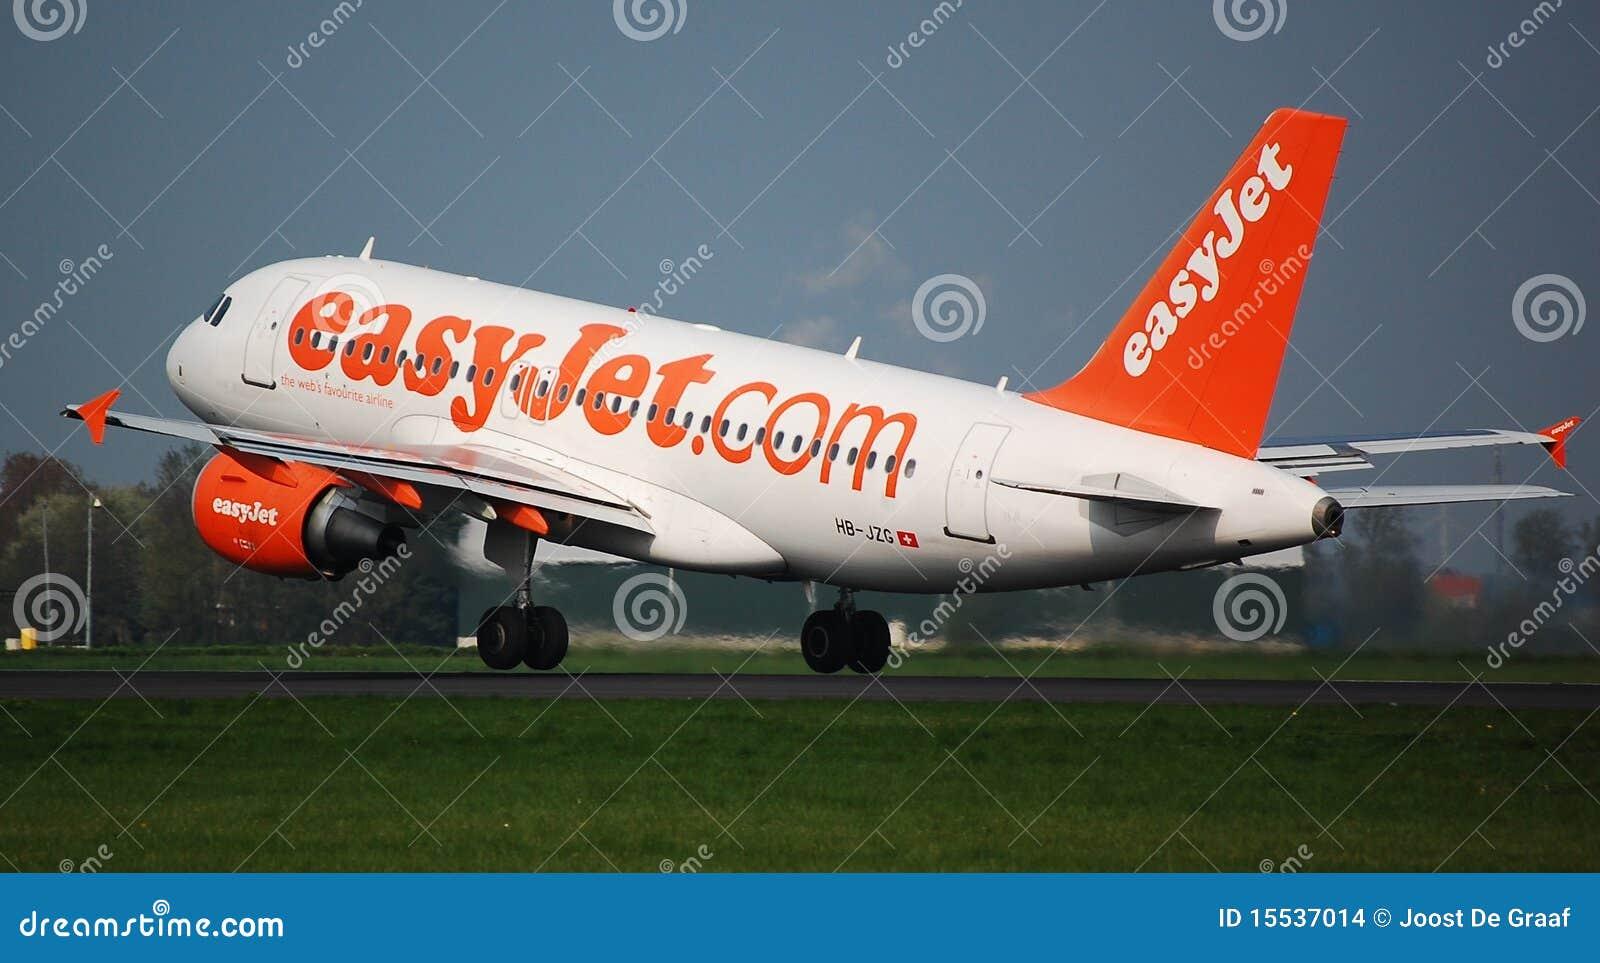 Easyjet takes off